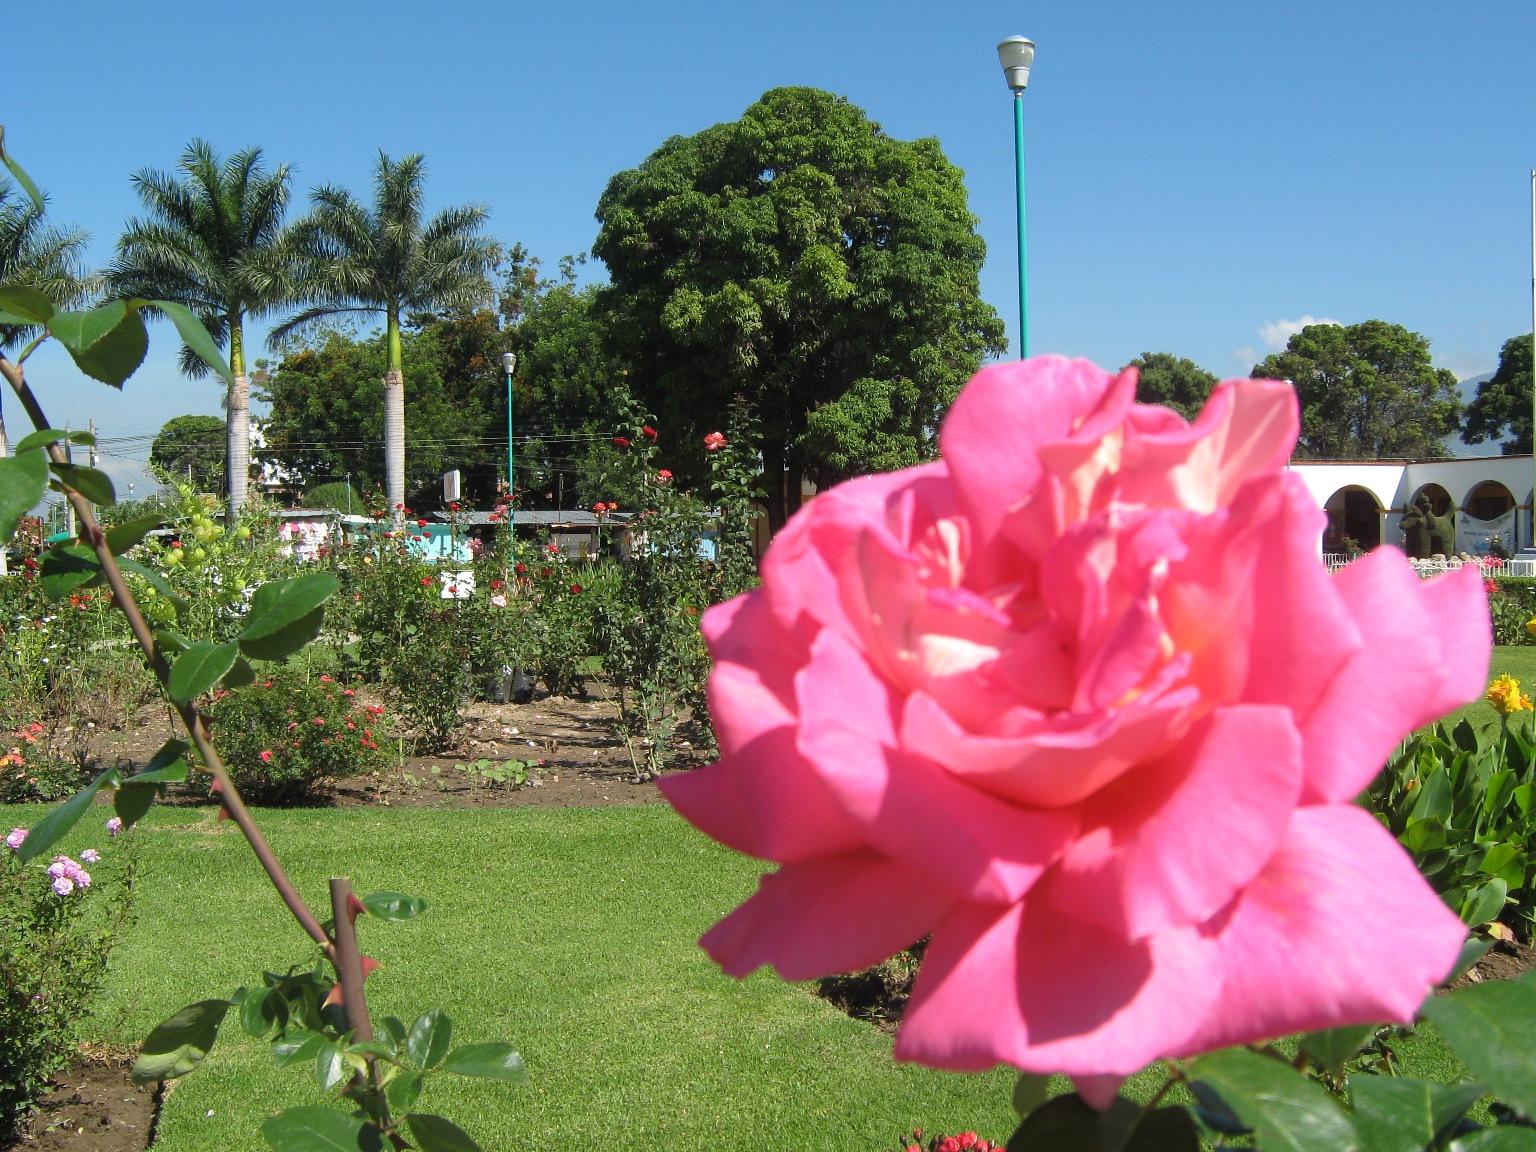 Se uso como primer plano el paisaje, dejando un poco desenfocada la rosa del frente